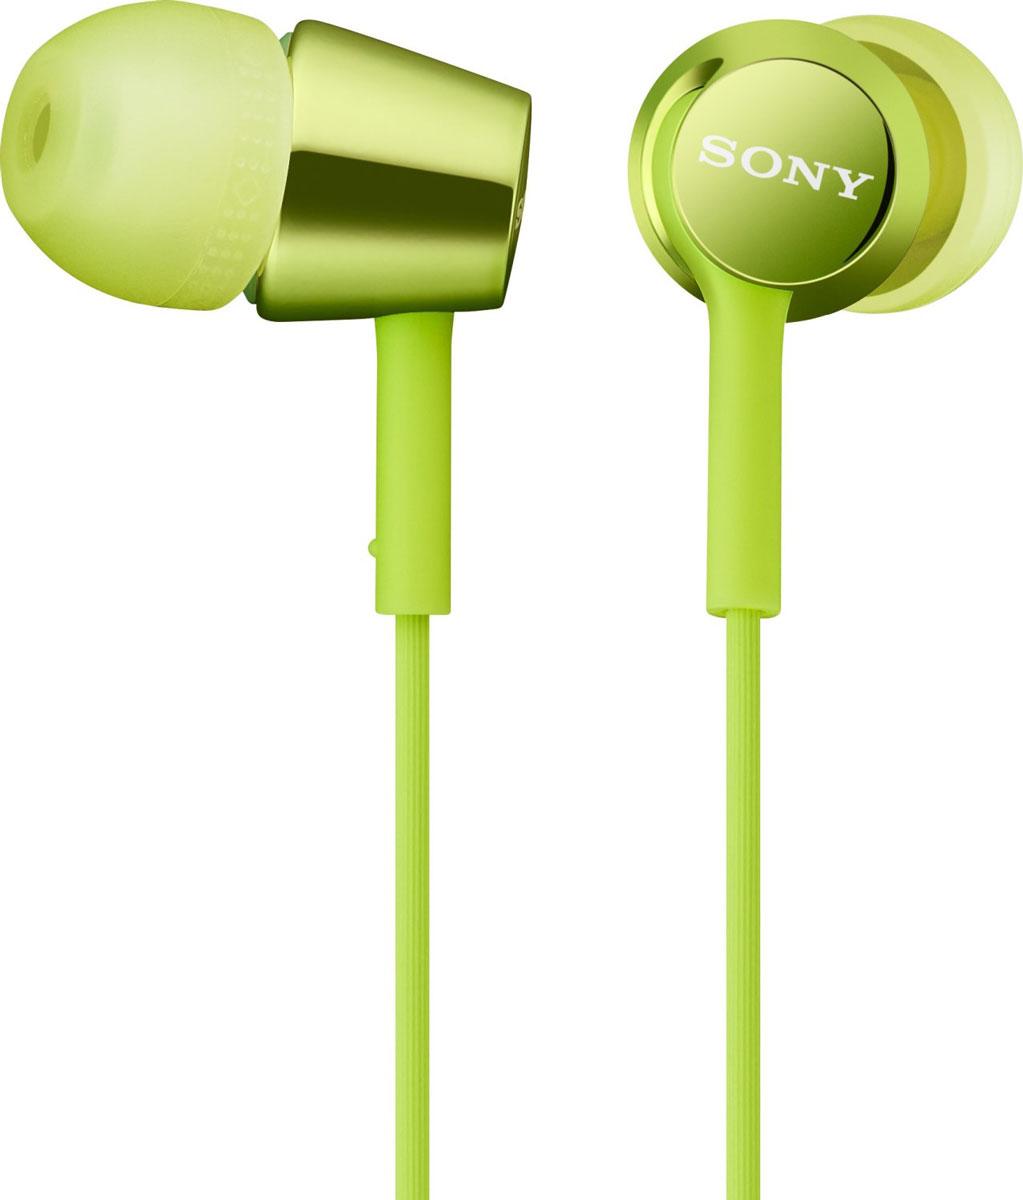 Sony MDR-EX150, Green наушникиMDR-EX150 зелёныйНаушники-вкладыши Sony MDR-EX150 предлагаются в десяти ярких цветовых решениях, что позволит вам подобрать пару наушников под свой индивидуальный стиль. Динамики с неодимовыми магнитами и с диаметром диффузора 9 мм обеспечивают яркое энергичное звучание музыки, а диапазон воспроизводимых частот от 5 Гц до 24 кГц идеально подойдет для популярных стилей музыки.